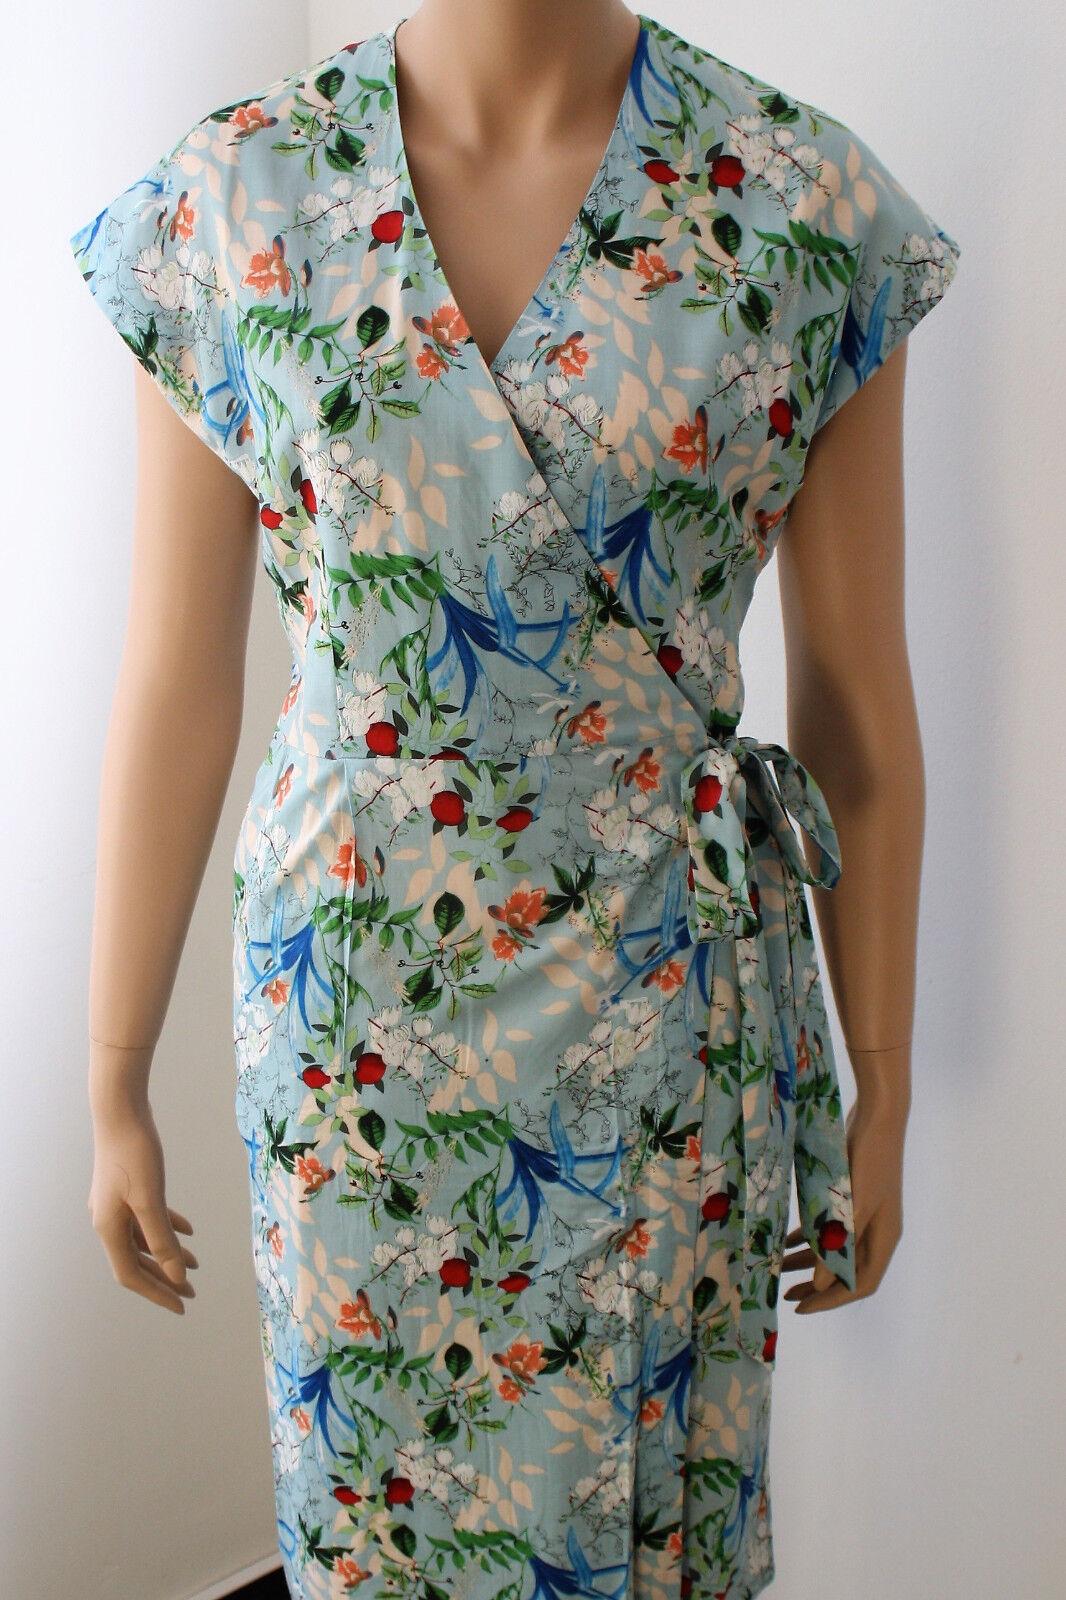 Komodo, Fair Trade,  Sommer/Wickel Kleid, kurzer Arm, hellblau , 50er Jahre Stil